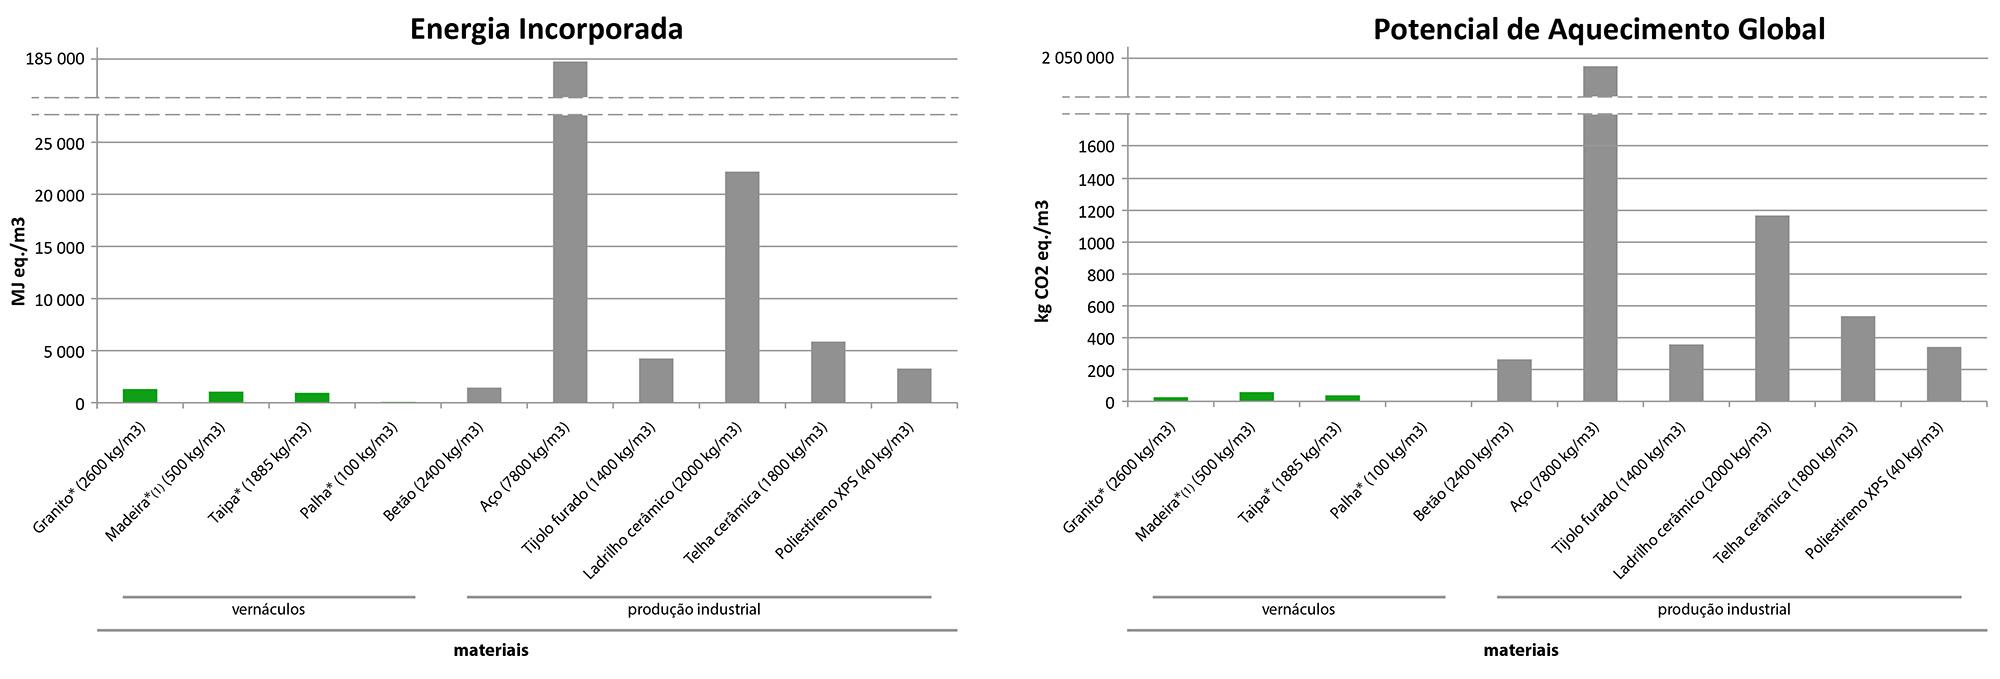 """Figura 1. Comparação entre materiais vernáculos e materiais de produção industrial ao nível da Energia Incorporada e do Potencial de Aquecimento Global (""""do berço ao portão""""). Fontes: Sources: Bragança & Mateus 2011; *Berge 2009. Nota: (1) Madeira serrada, seca ao ar, incluindo processos de aplainamento."""